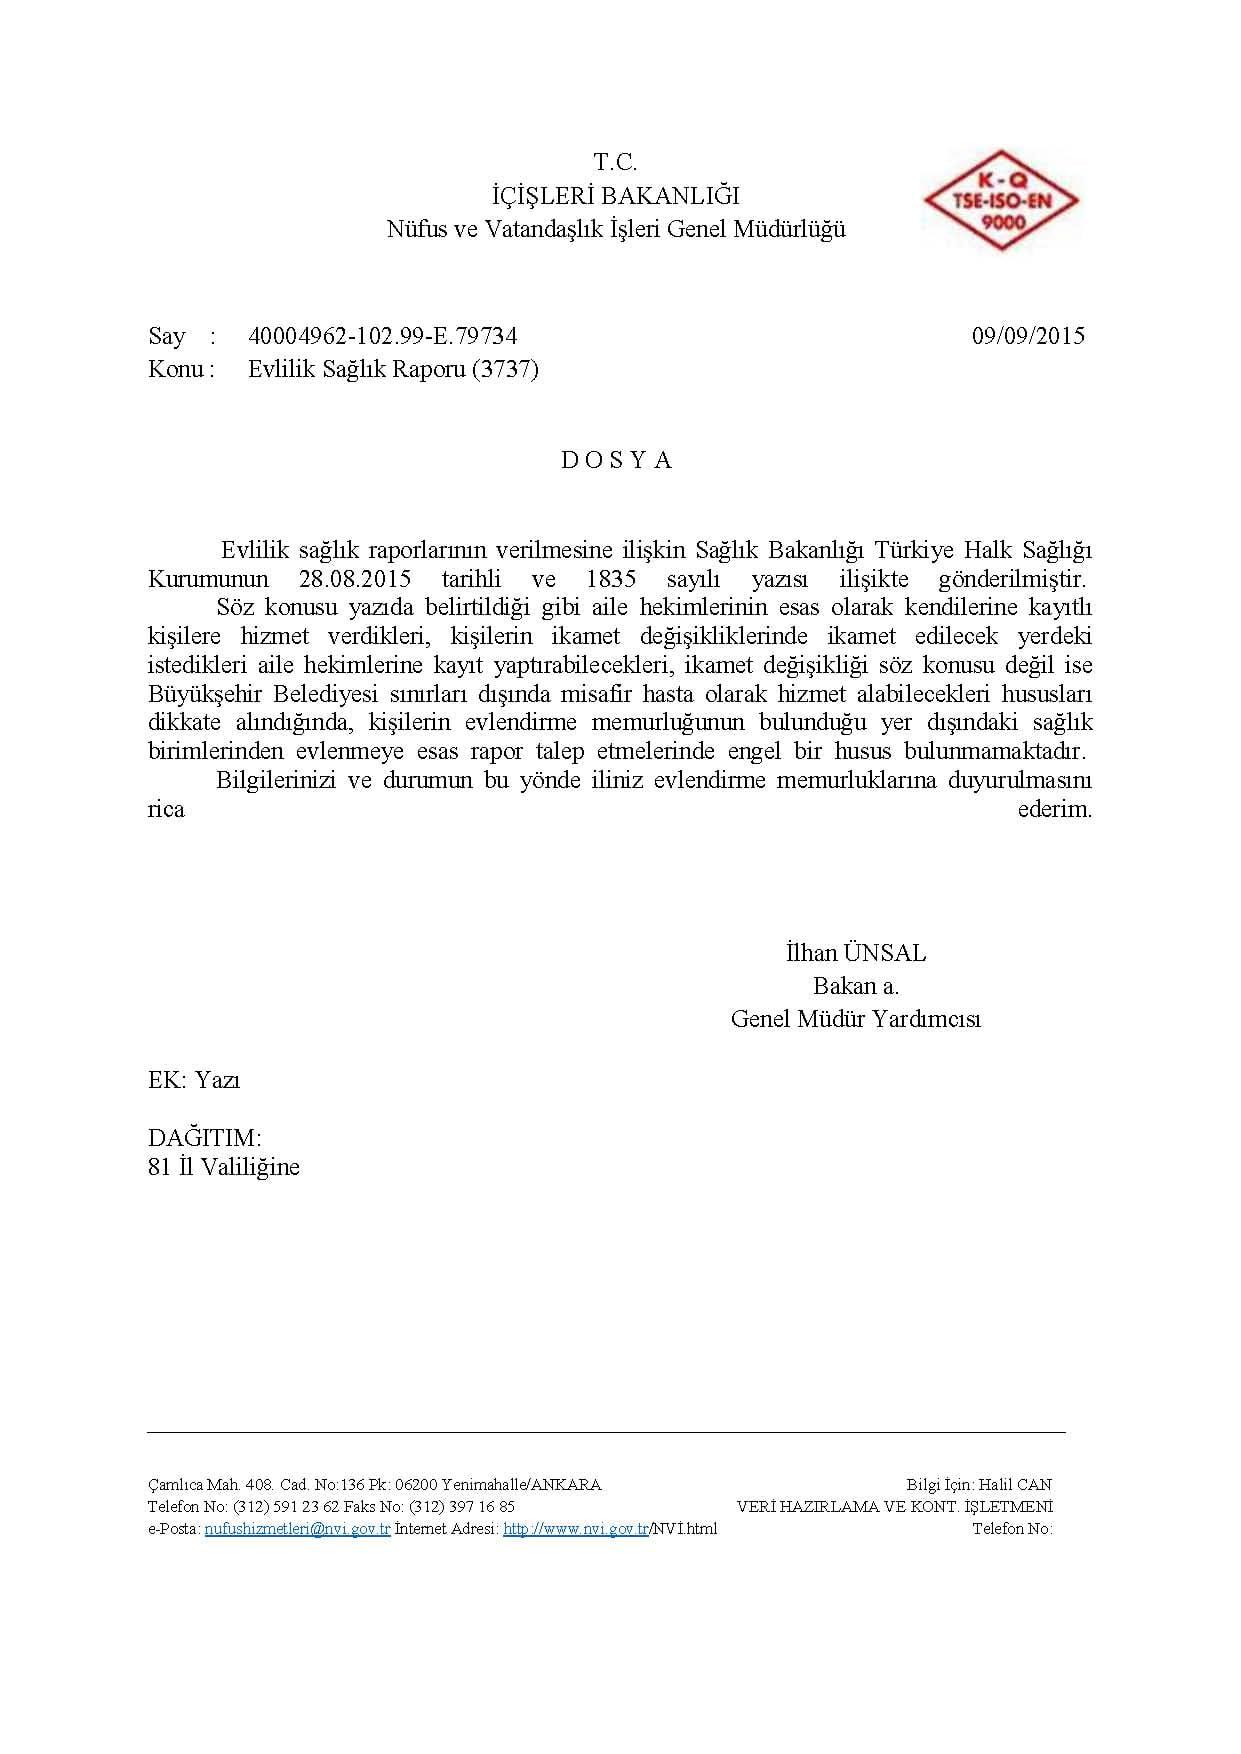 İç İşleri Bakanlığı Nüfus ve Vatandaşlık İşleri Genel Müdürlüğü'nün 09/09/2015 tarih ve 102.99-E.79734 sayılı Evlilik Sağlık Raporu (3737) konulu yazısı